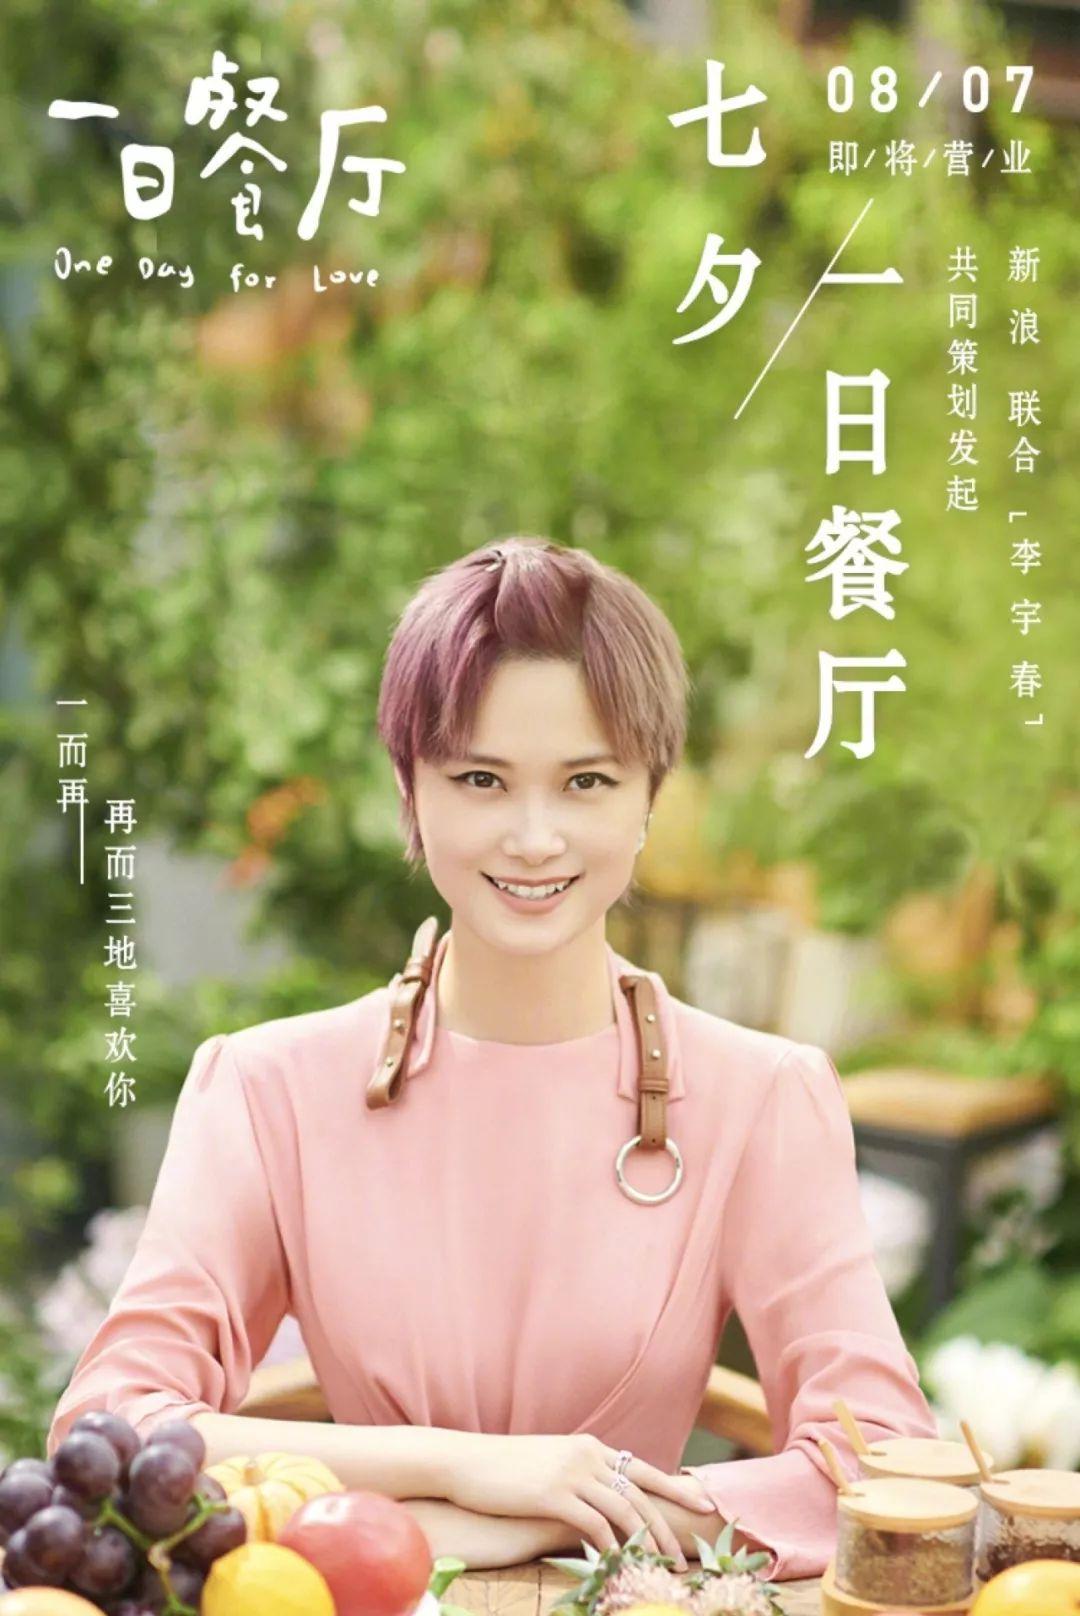 """七夕节,音乐成了""""告白神器"""""""